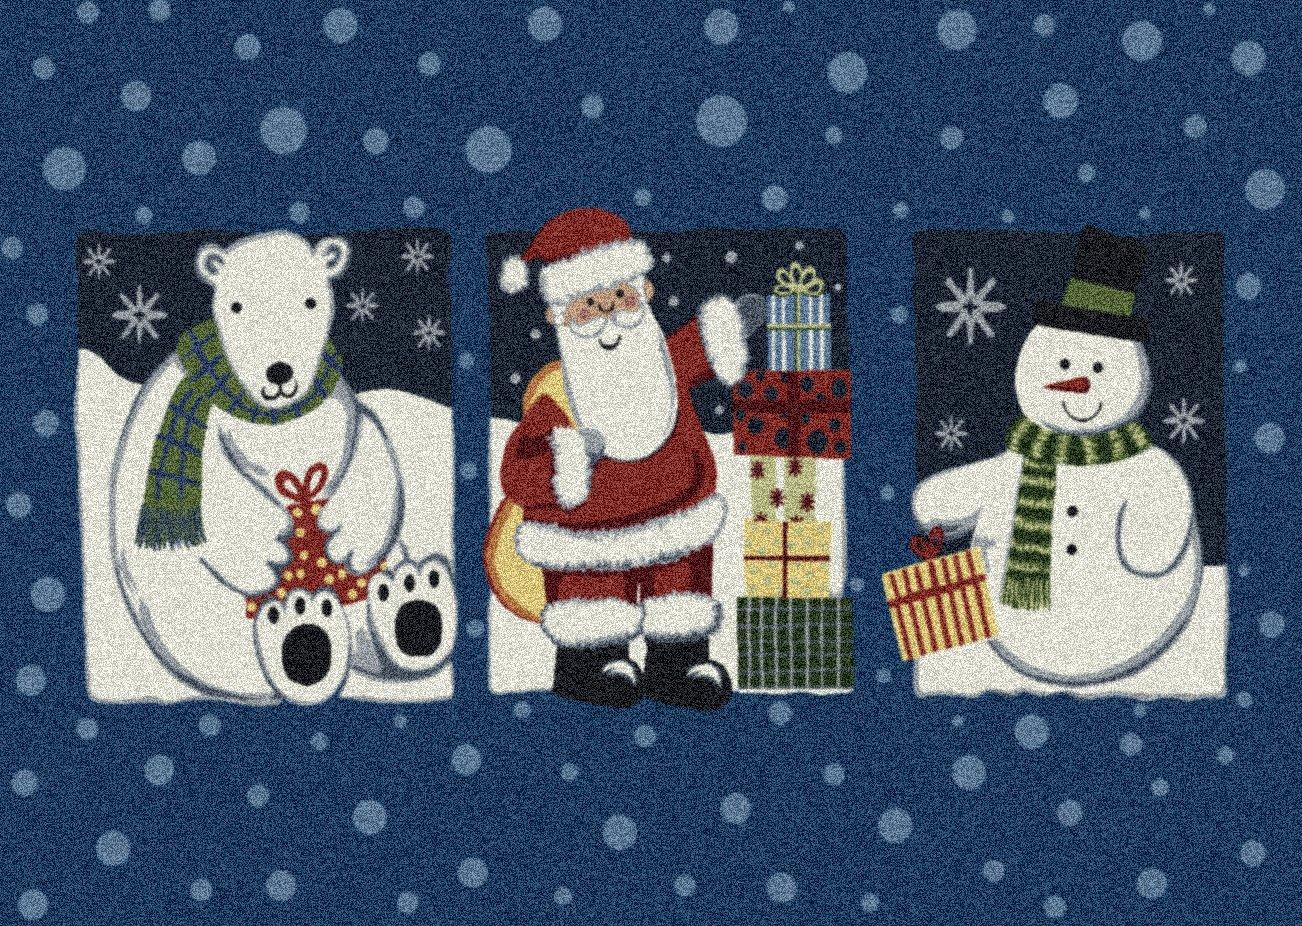 Milliken Tis The Season Holiday Rug from Amazon!